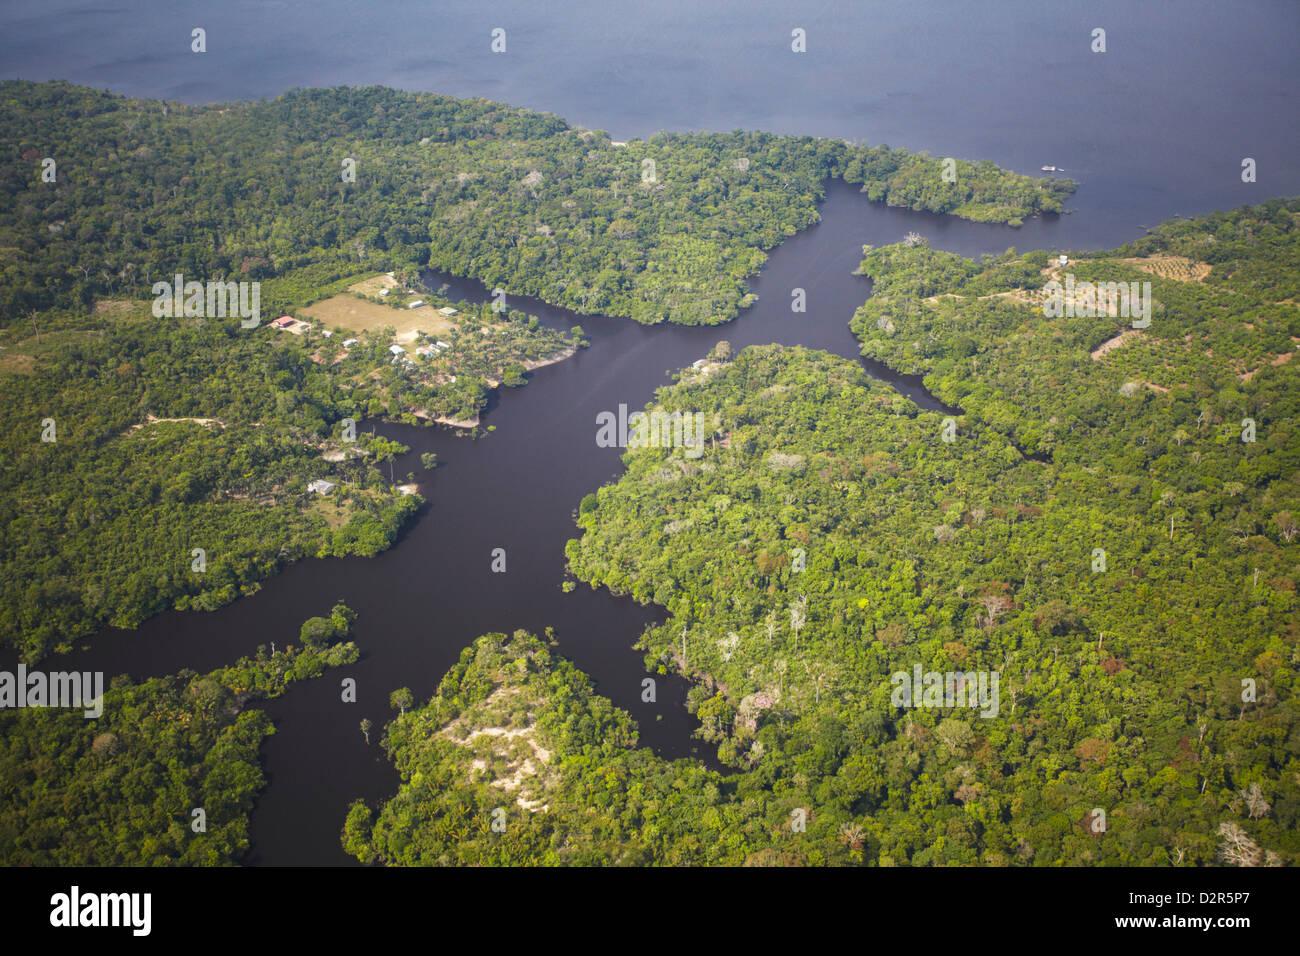 Vue aérienne de la forêt amazonienne et Rio Negro, Manaus, Amazonas, Brésil, Amérique du Sud Photo Stock